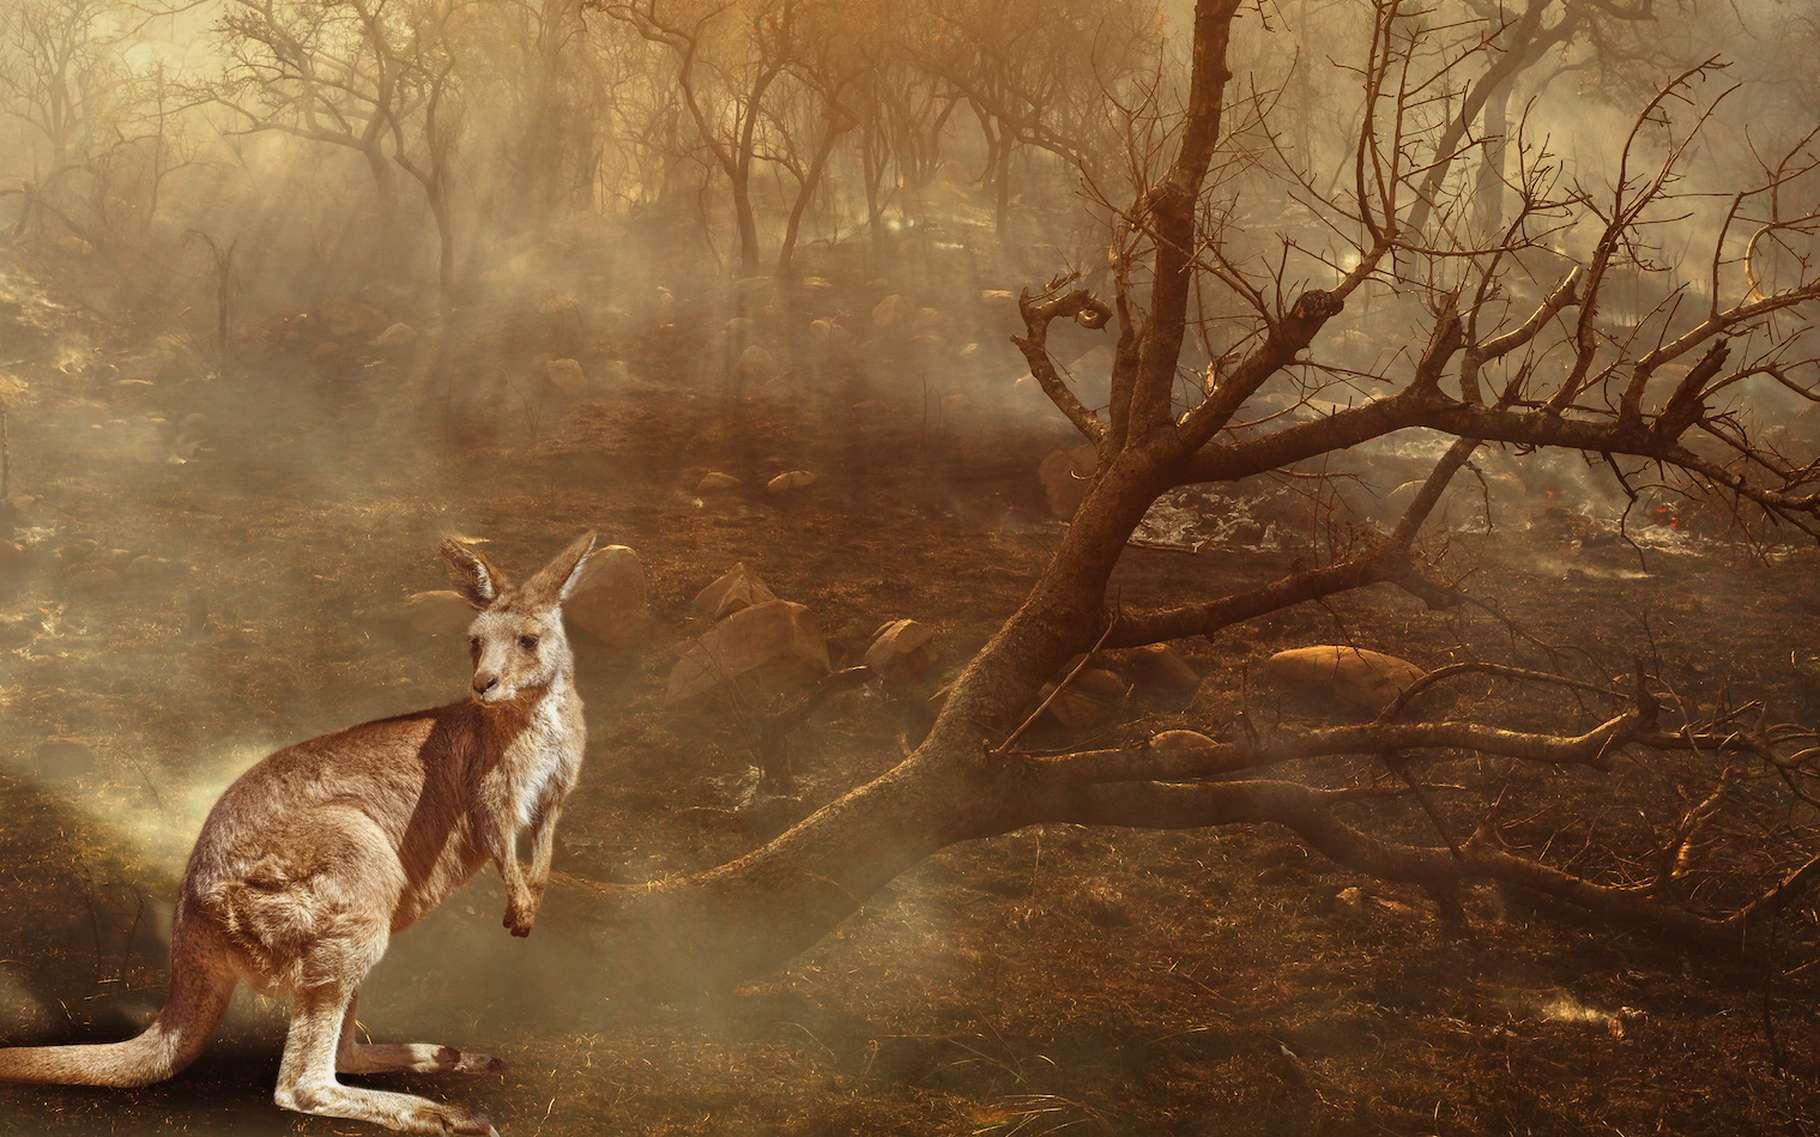 Les chercheurs estiment que 1,25 milliard d'animaux sont morts dans les feux de brousse qui ravagent l'Australie depuis le mois de septembre 2019. © bennymarty, Adobe Stock